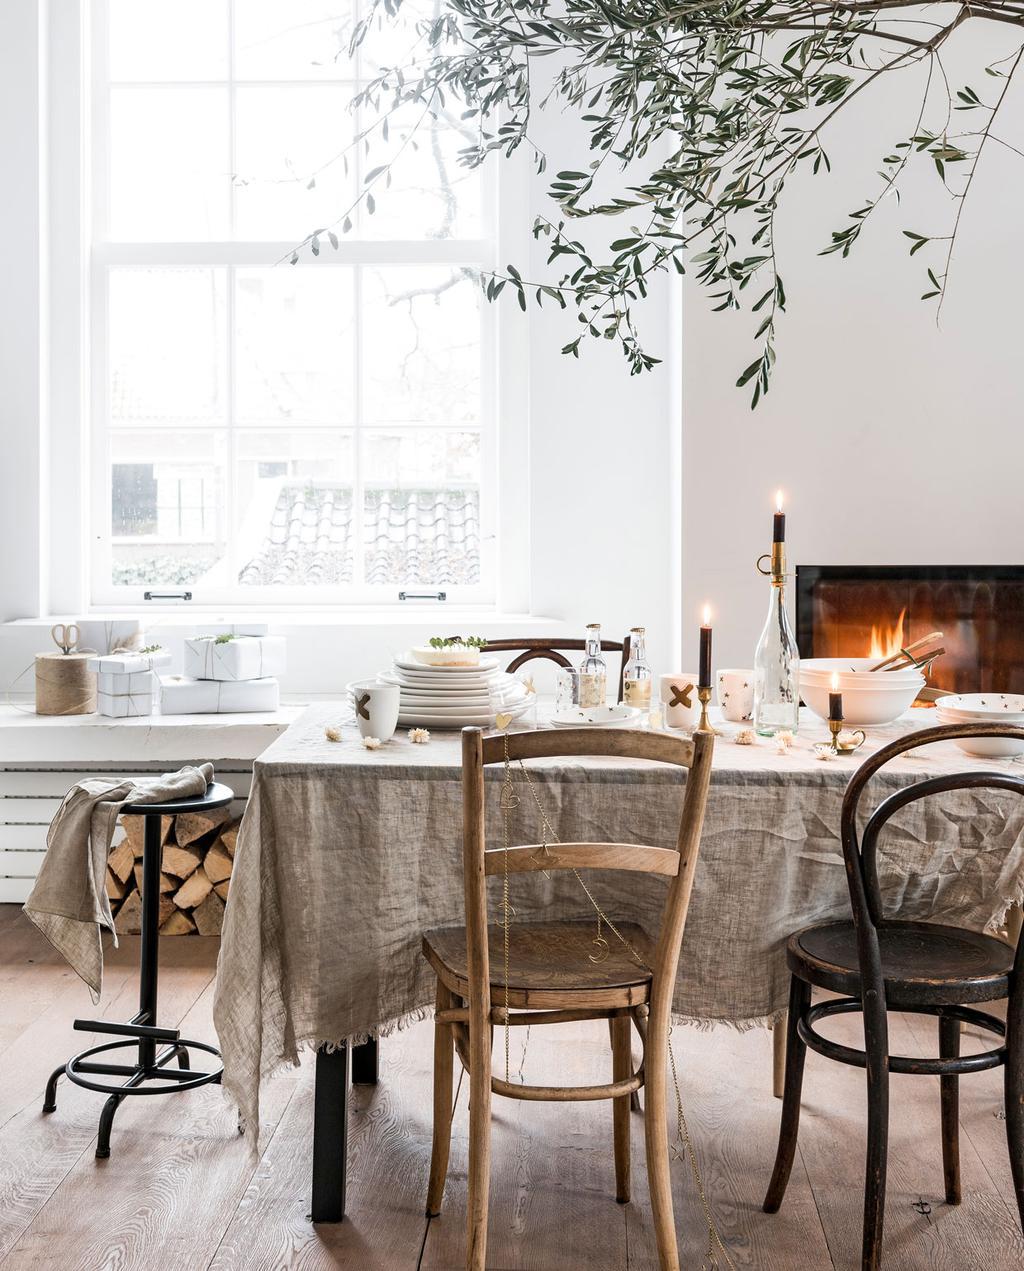 vtwonen 12-2019 | vtwonen feestcollectie gedekte tafel kerst tafel